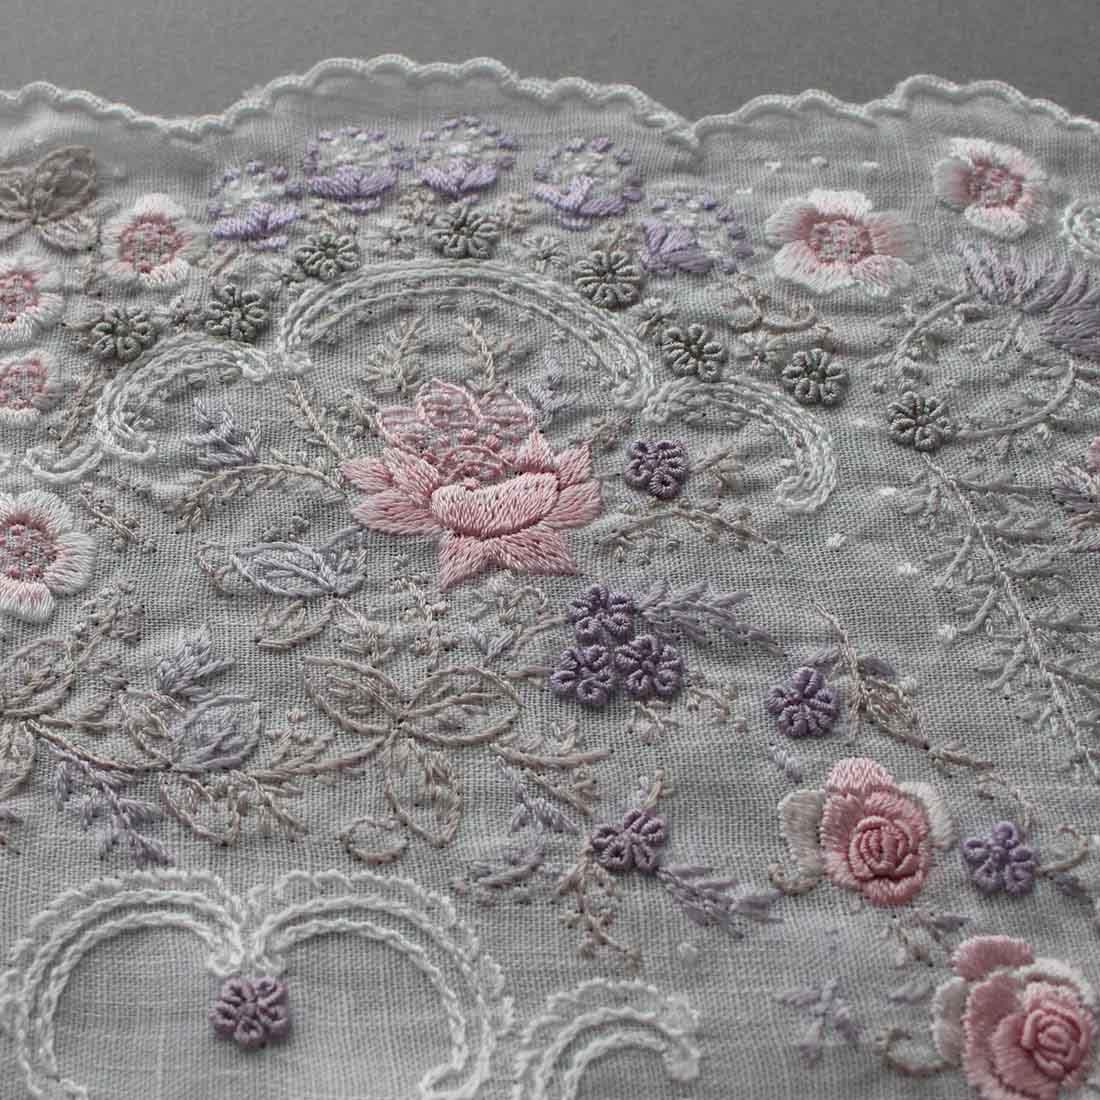 【送料無料】ベトナム手刺繍ハンカチ 扇子デザイン 6212 ピンク